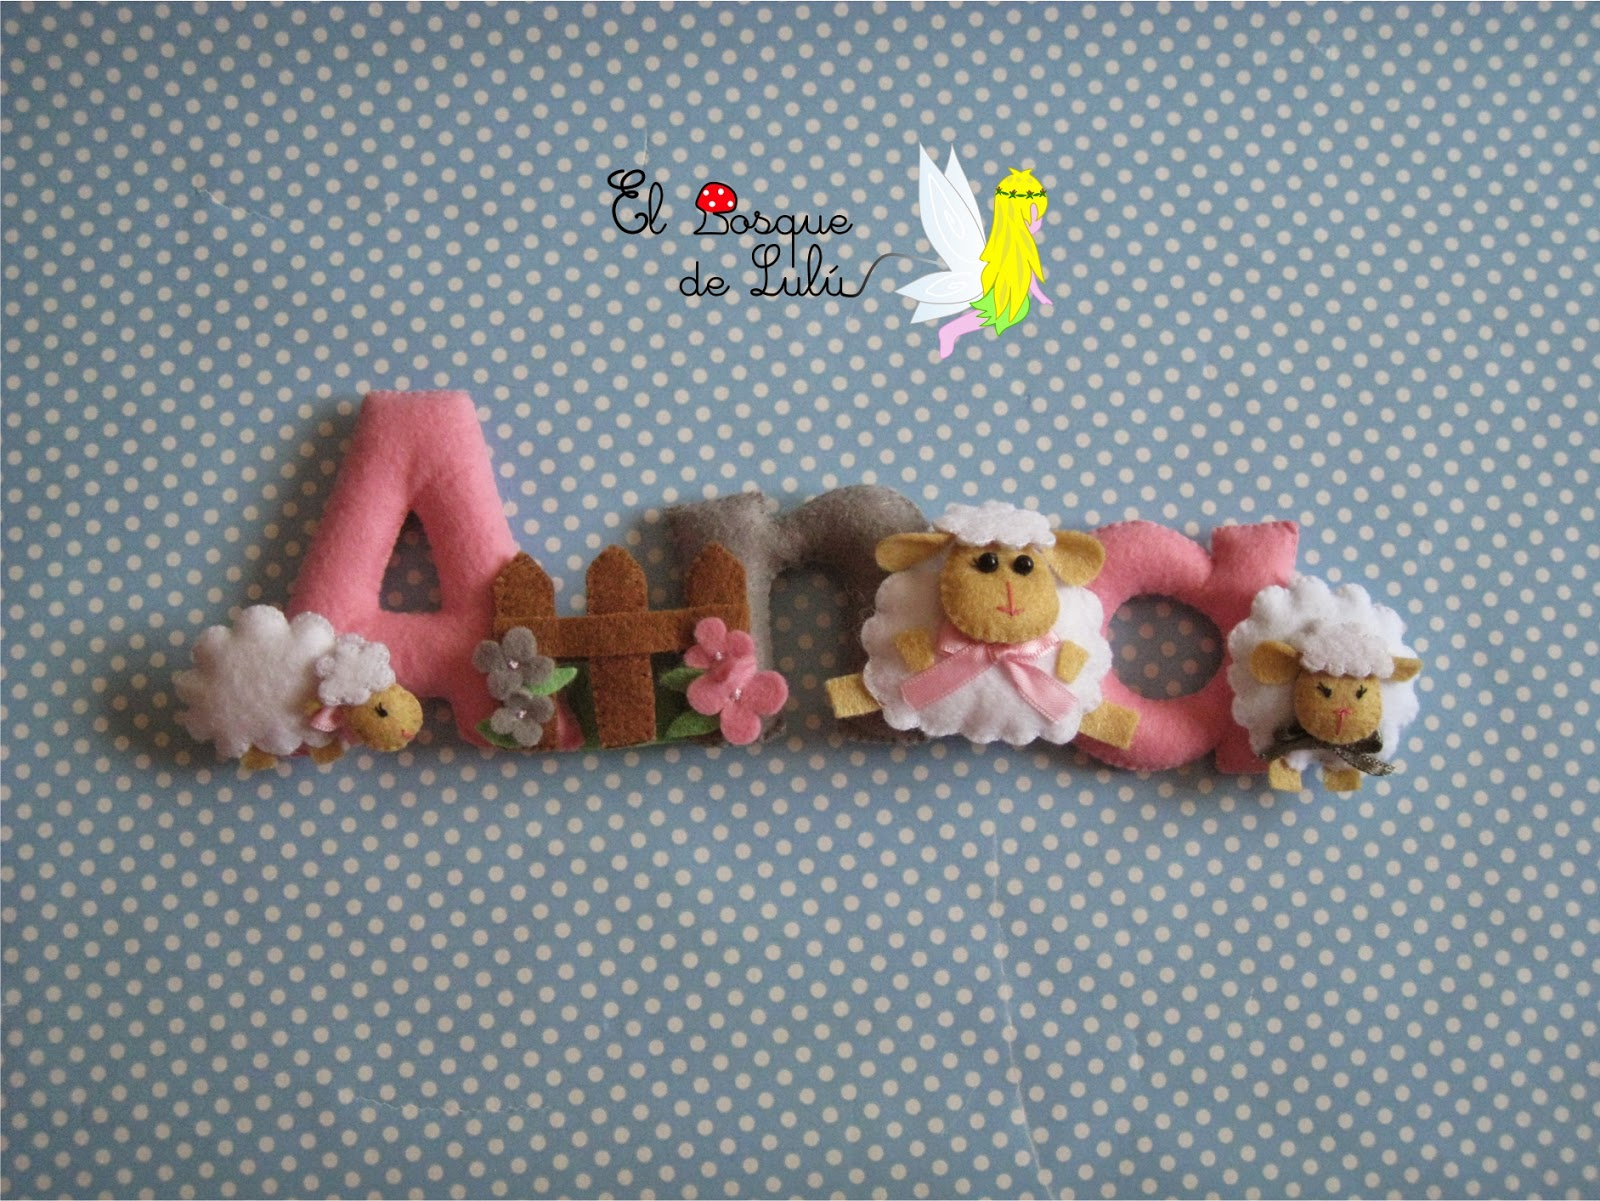 nombre-decorativo-en-fieltro-de-fieltro-Ana-name-banner-felt-ovejas-flores